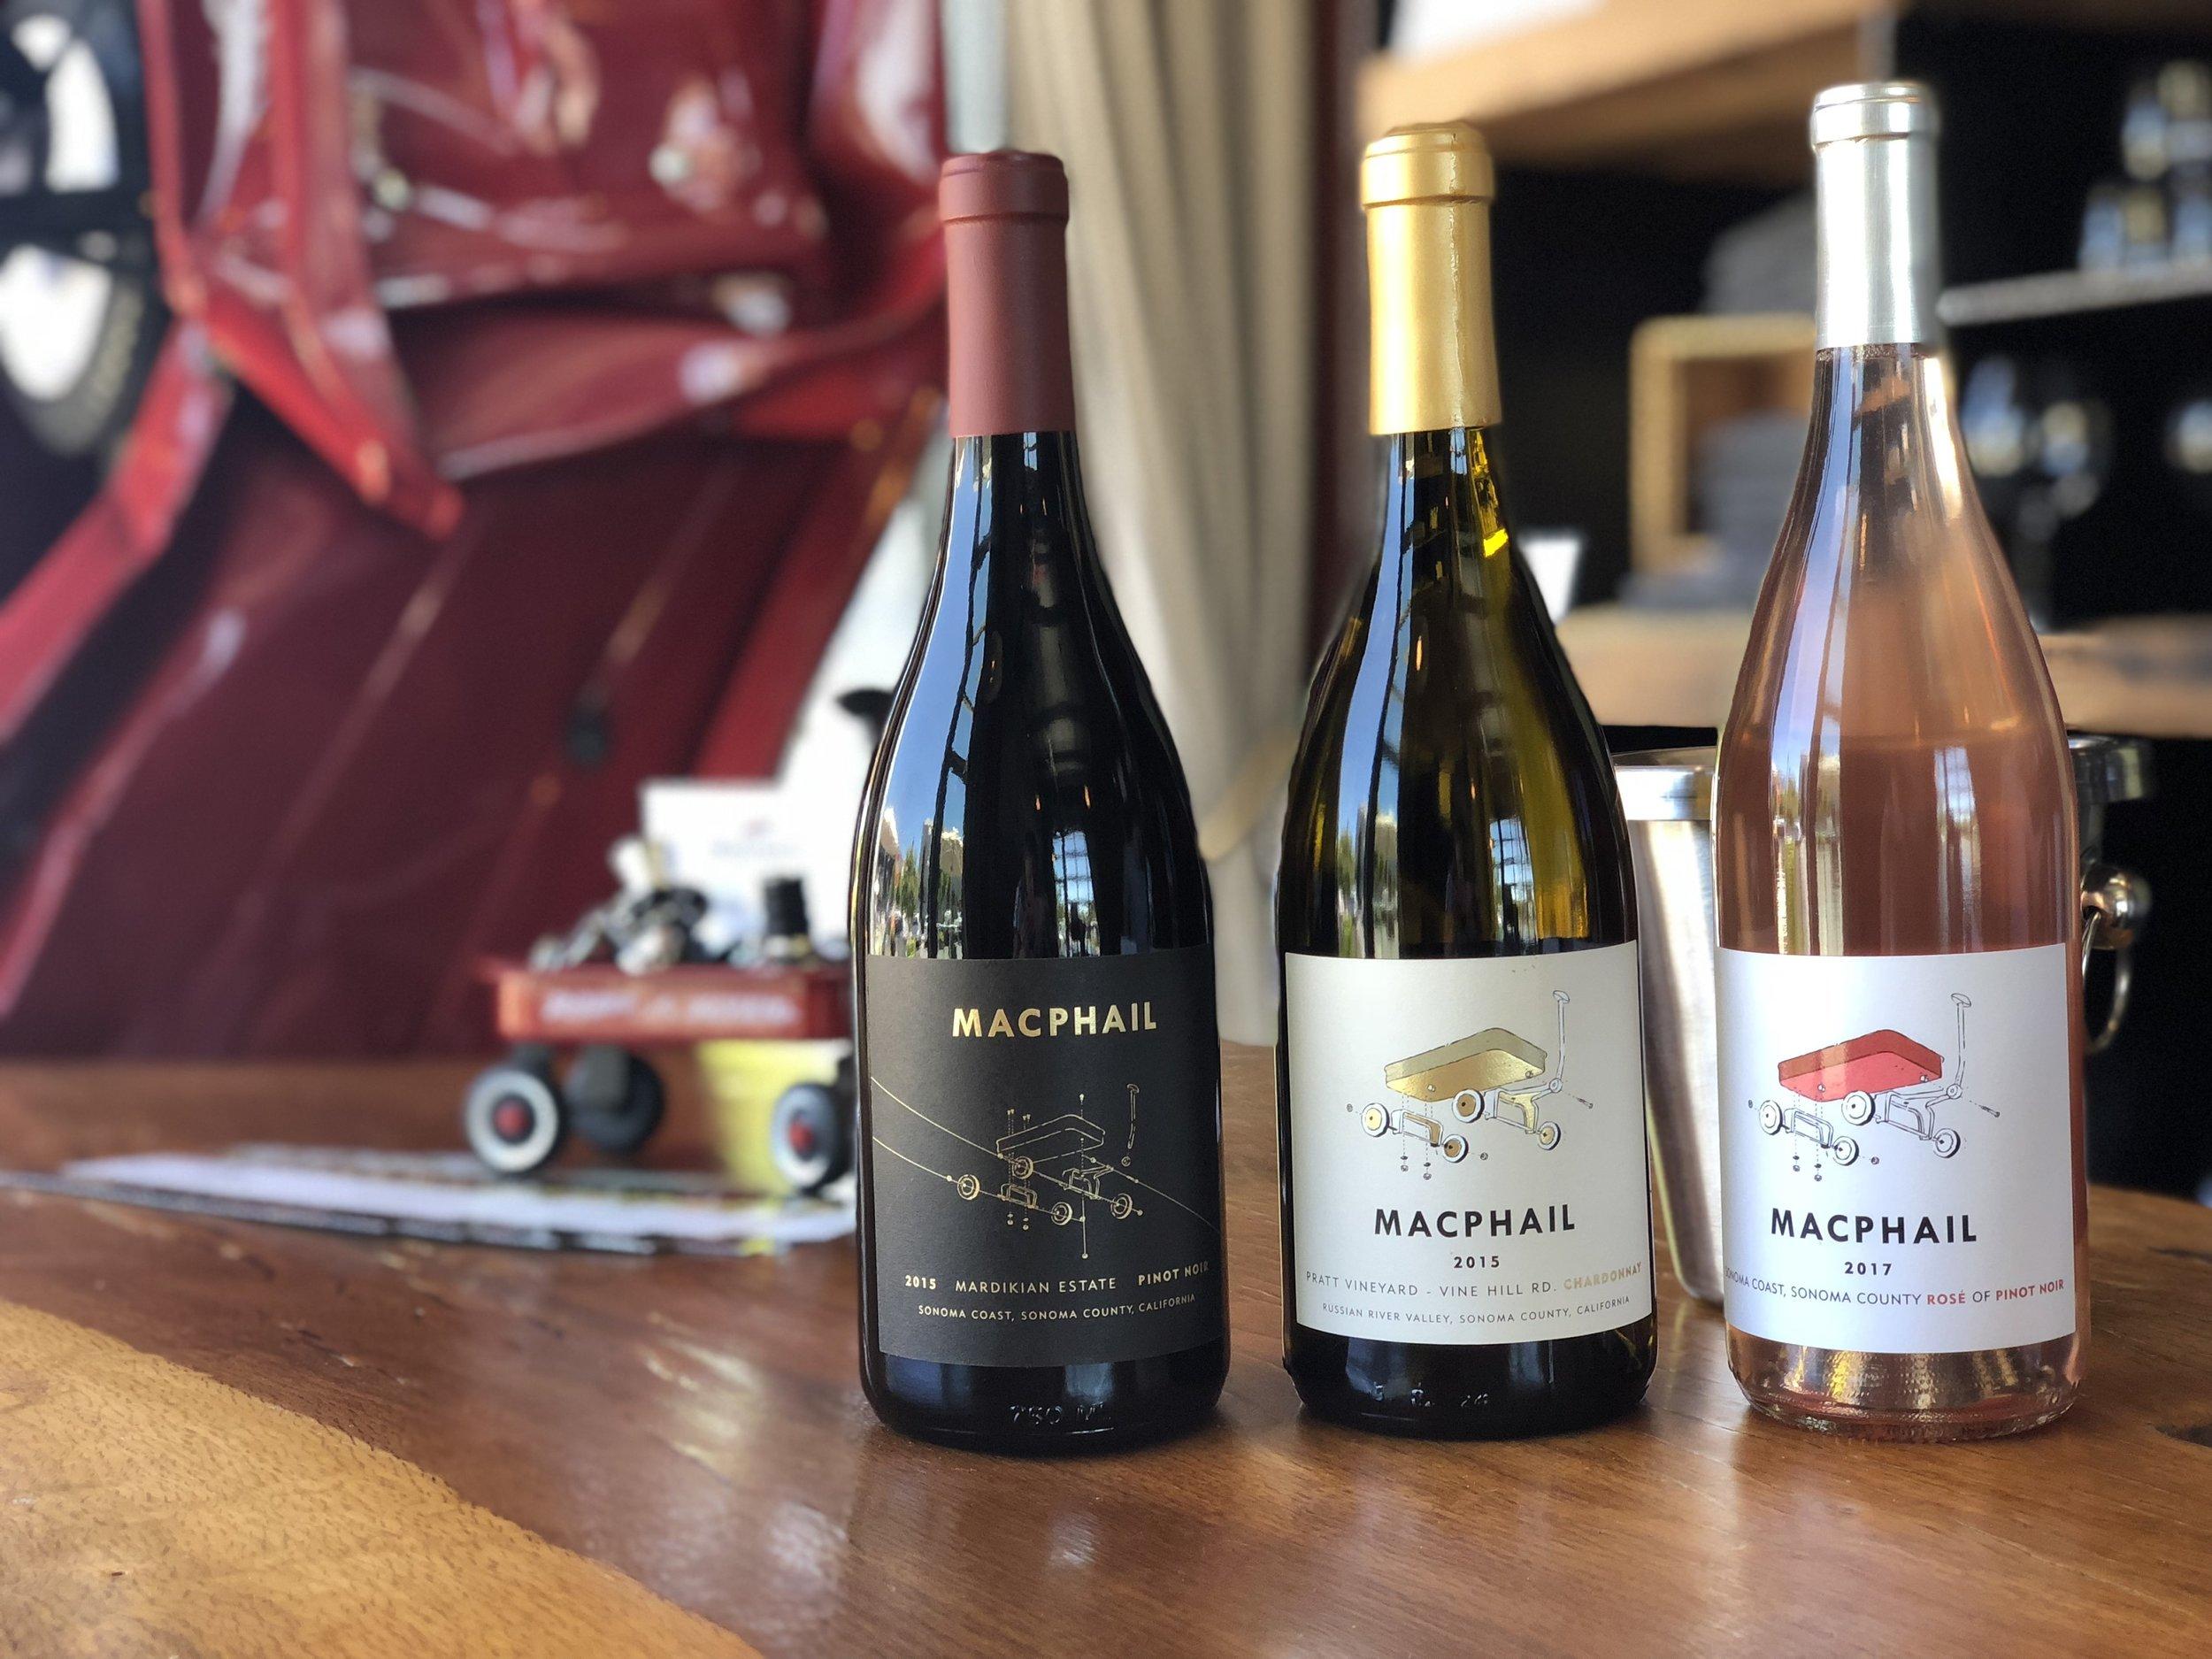 MacPhail Pinot Noir